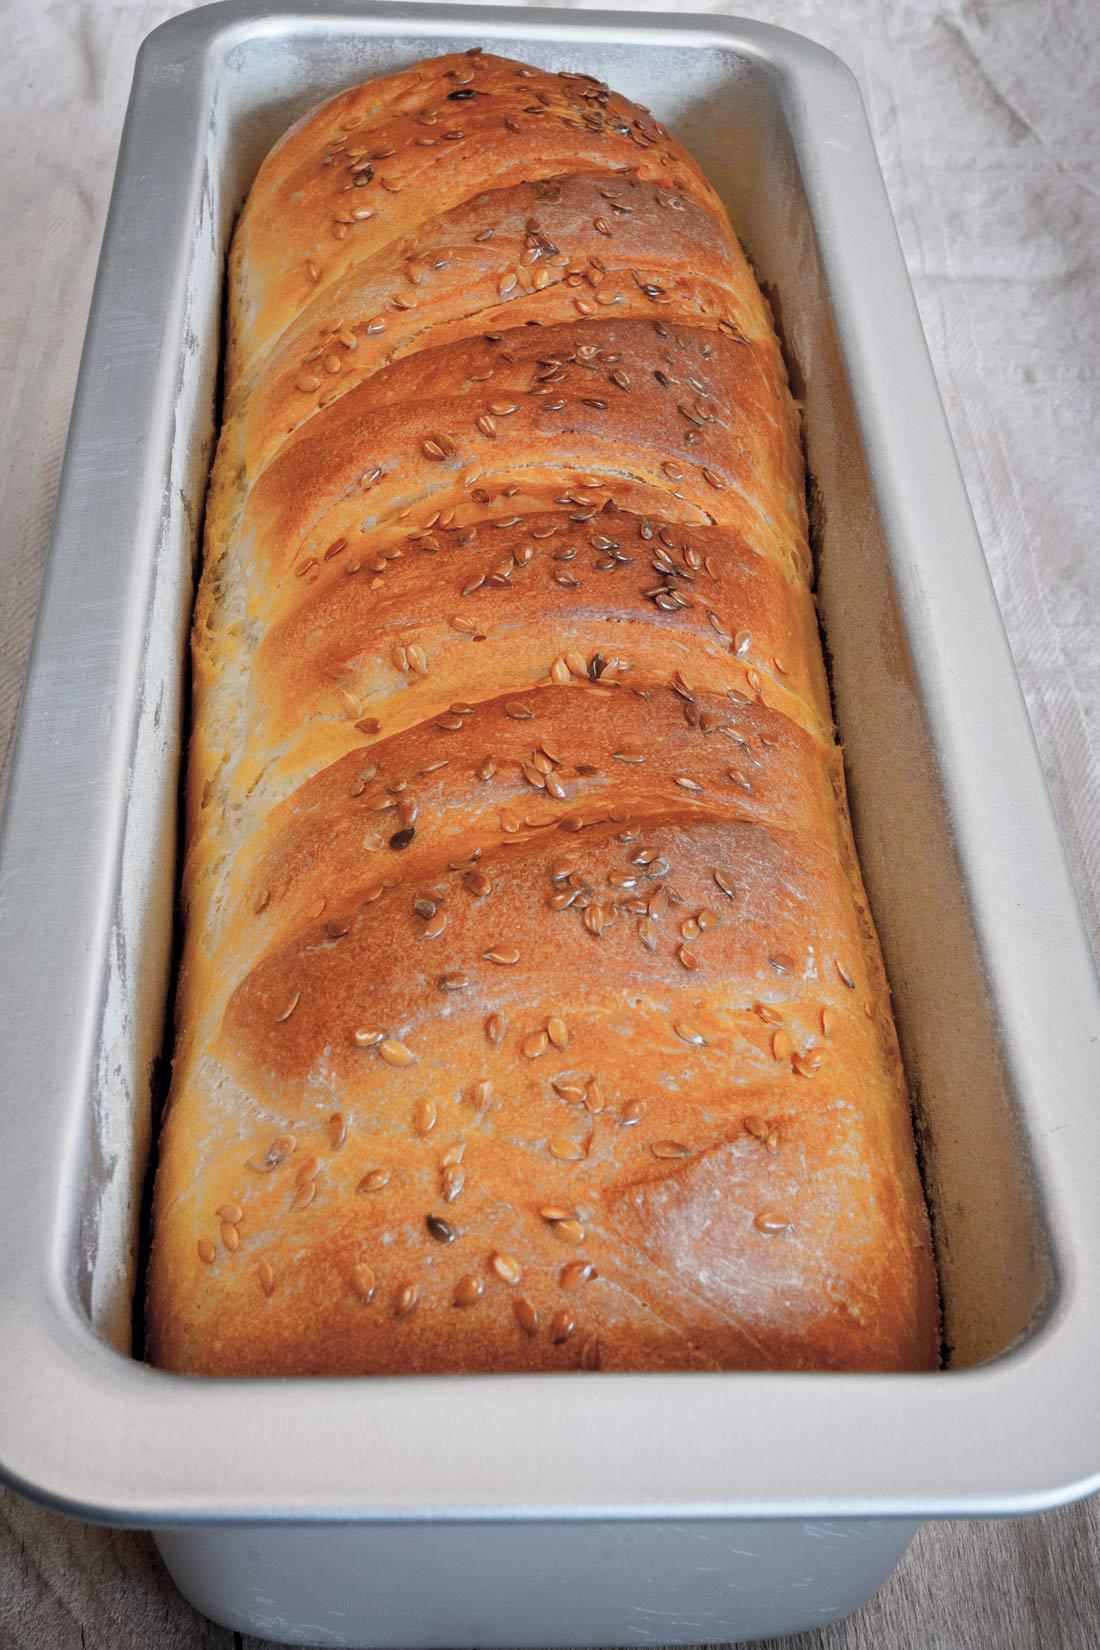 Po půl hodině pečení chléb z trouby vytáhneme a necháme ještě 5 minut dojít ve formě